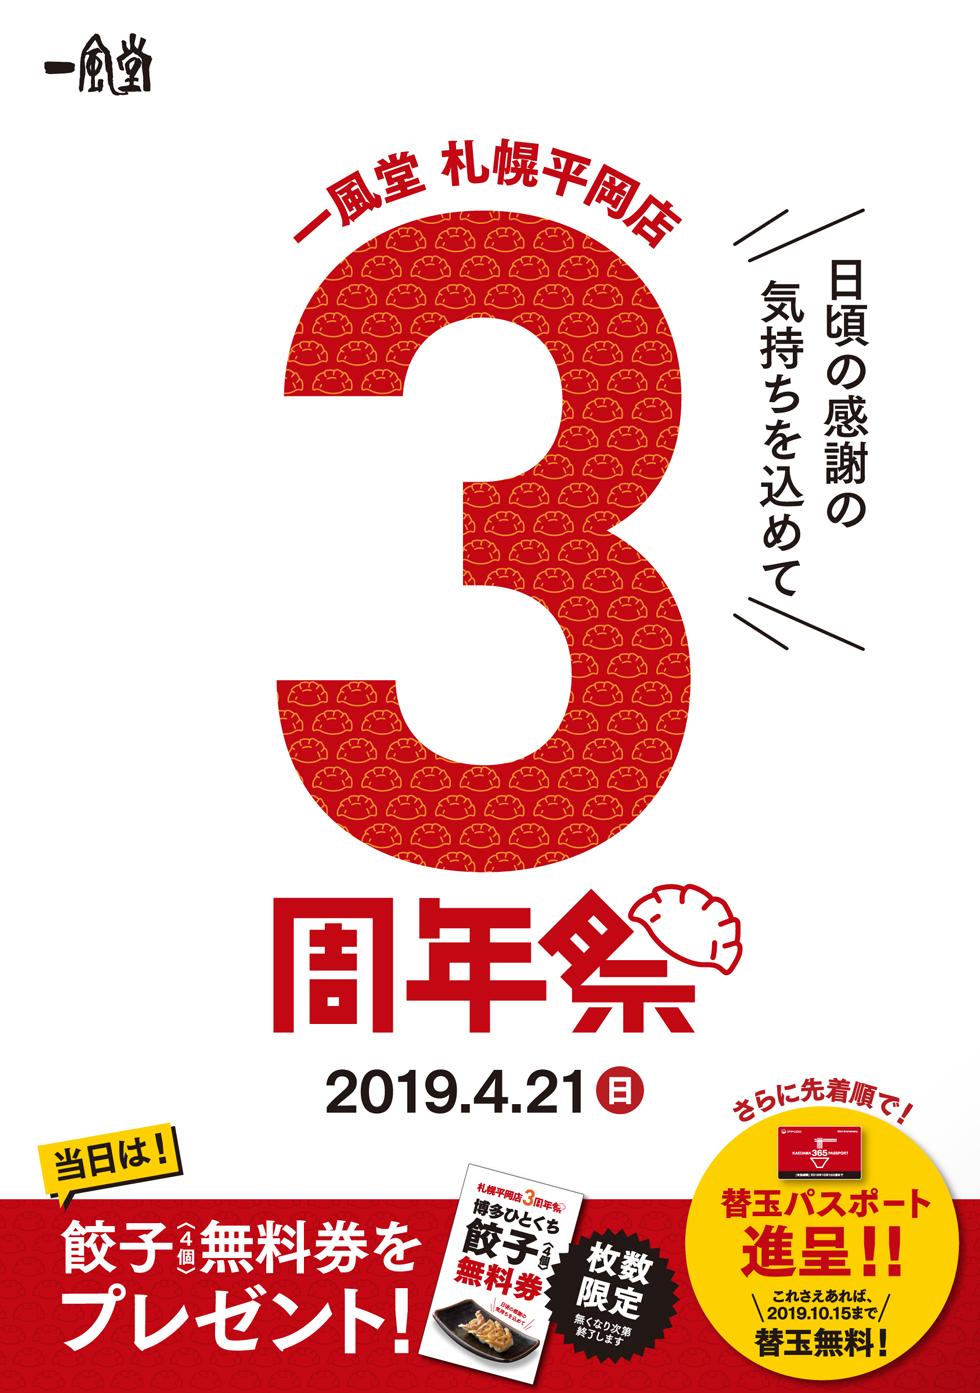 190417_札幌平岡_3周年ポスターA1